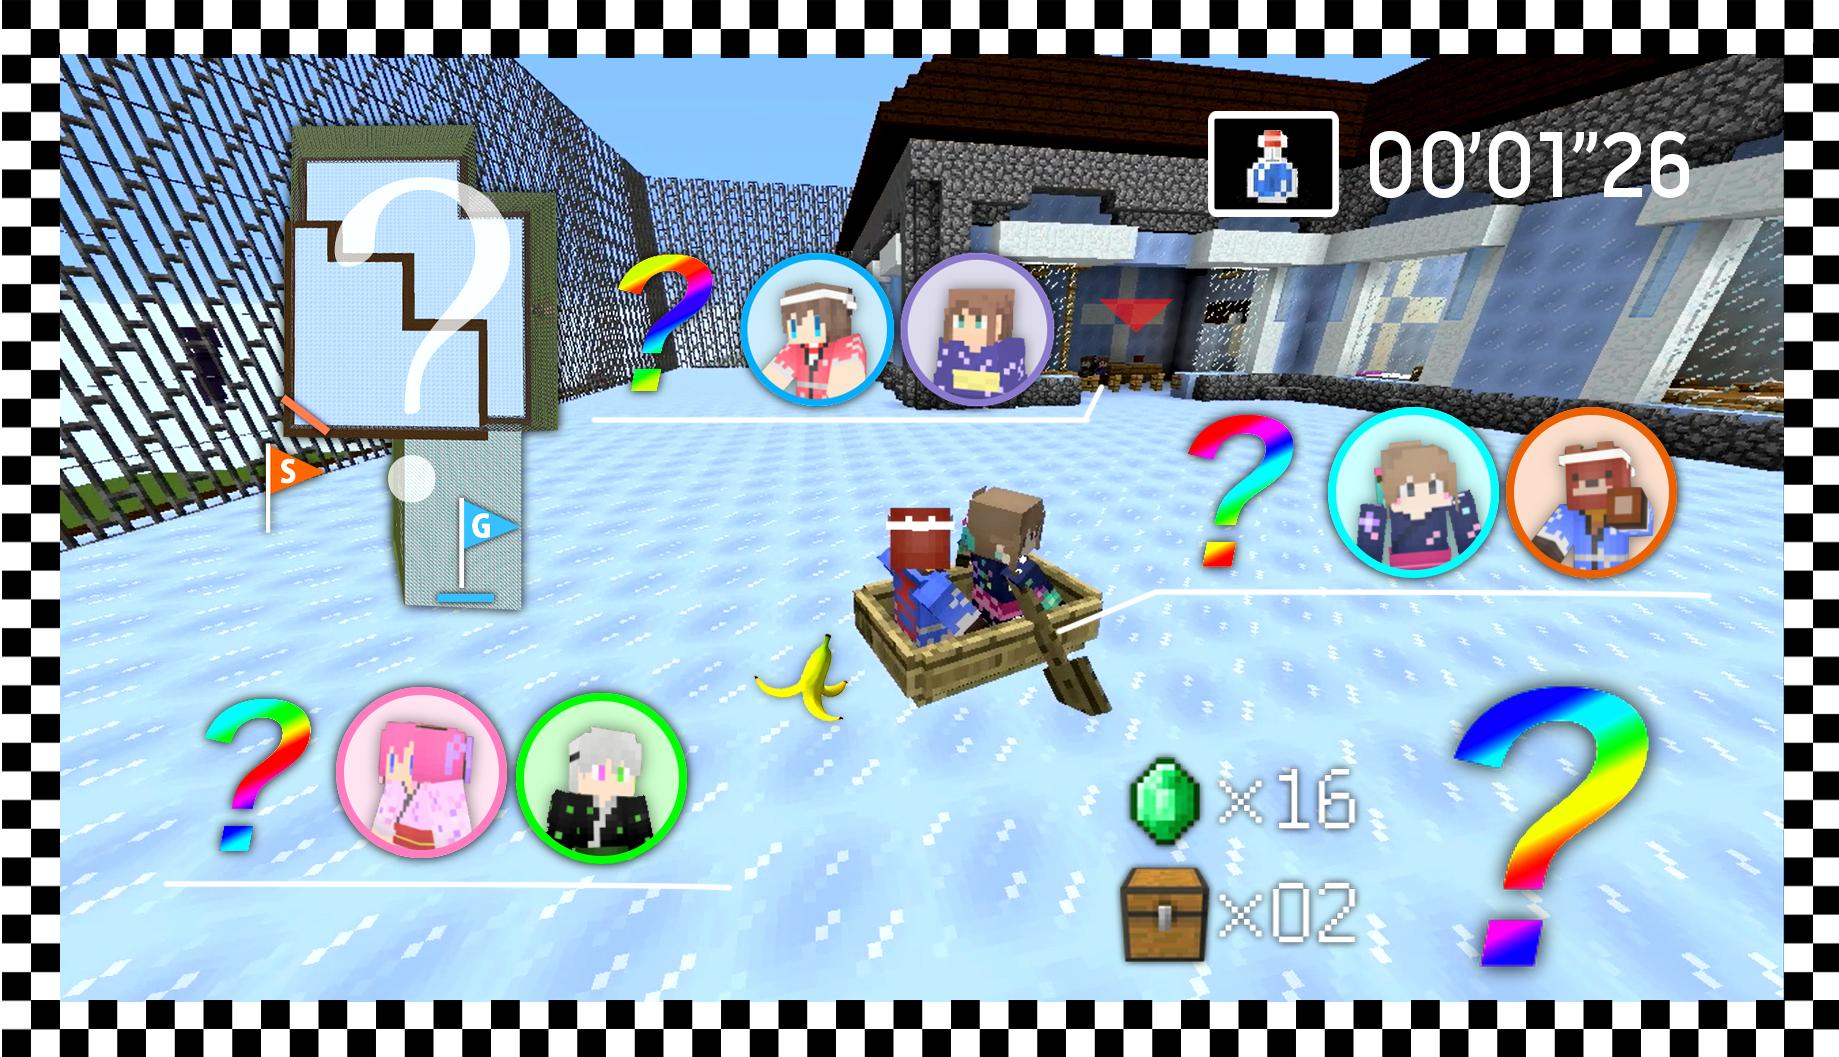 ゲーム画面.png